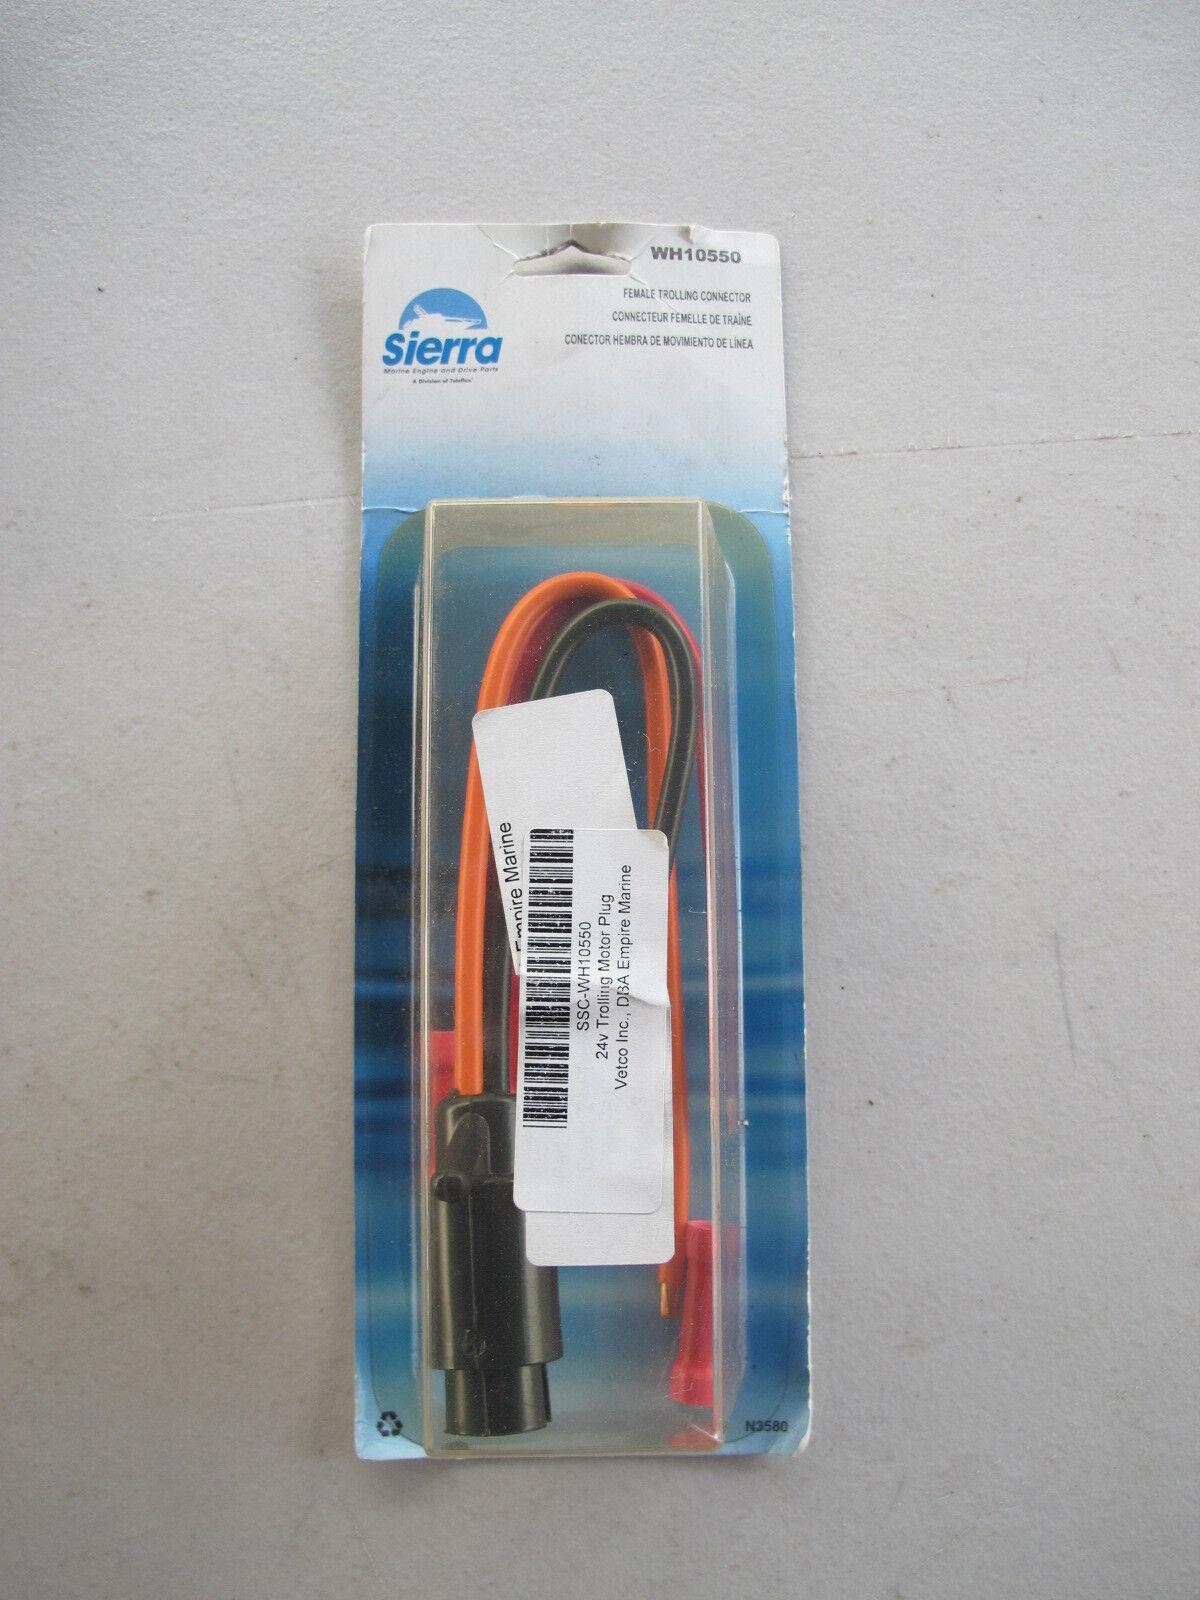 Sierra Female 3-wire Trolling Motor Side Plug Wh10550-1 | eBay